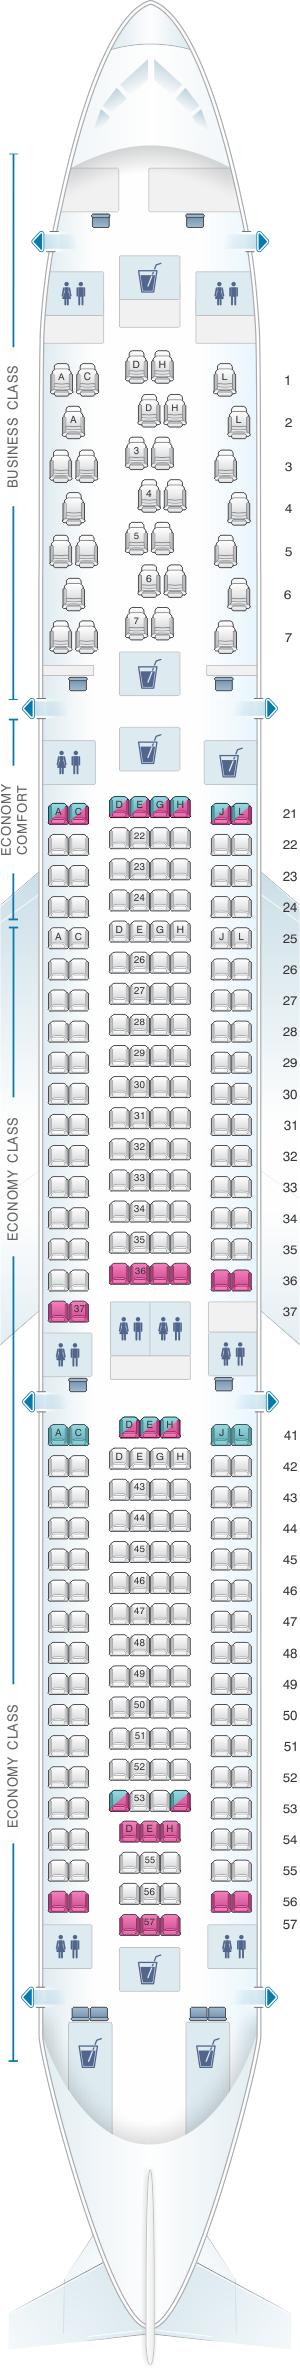 Seat map for Finnair Airbus A330 300 289PAX